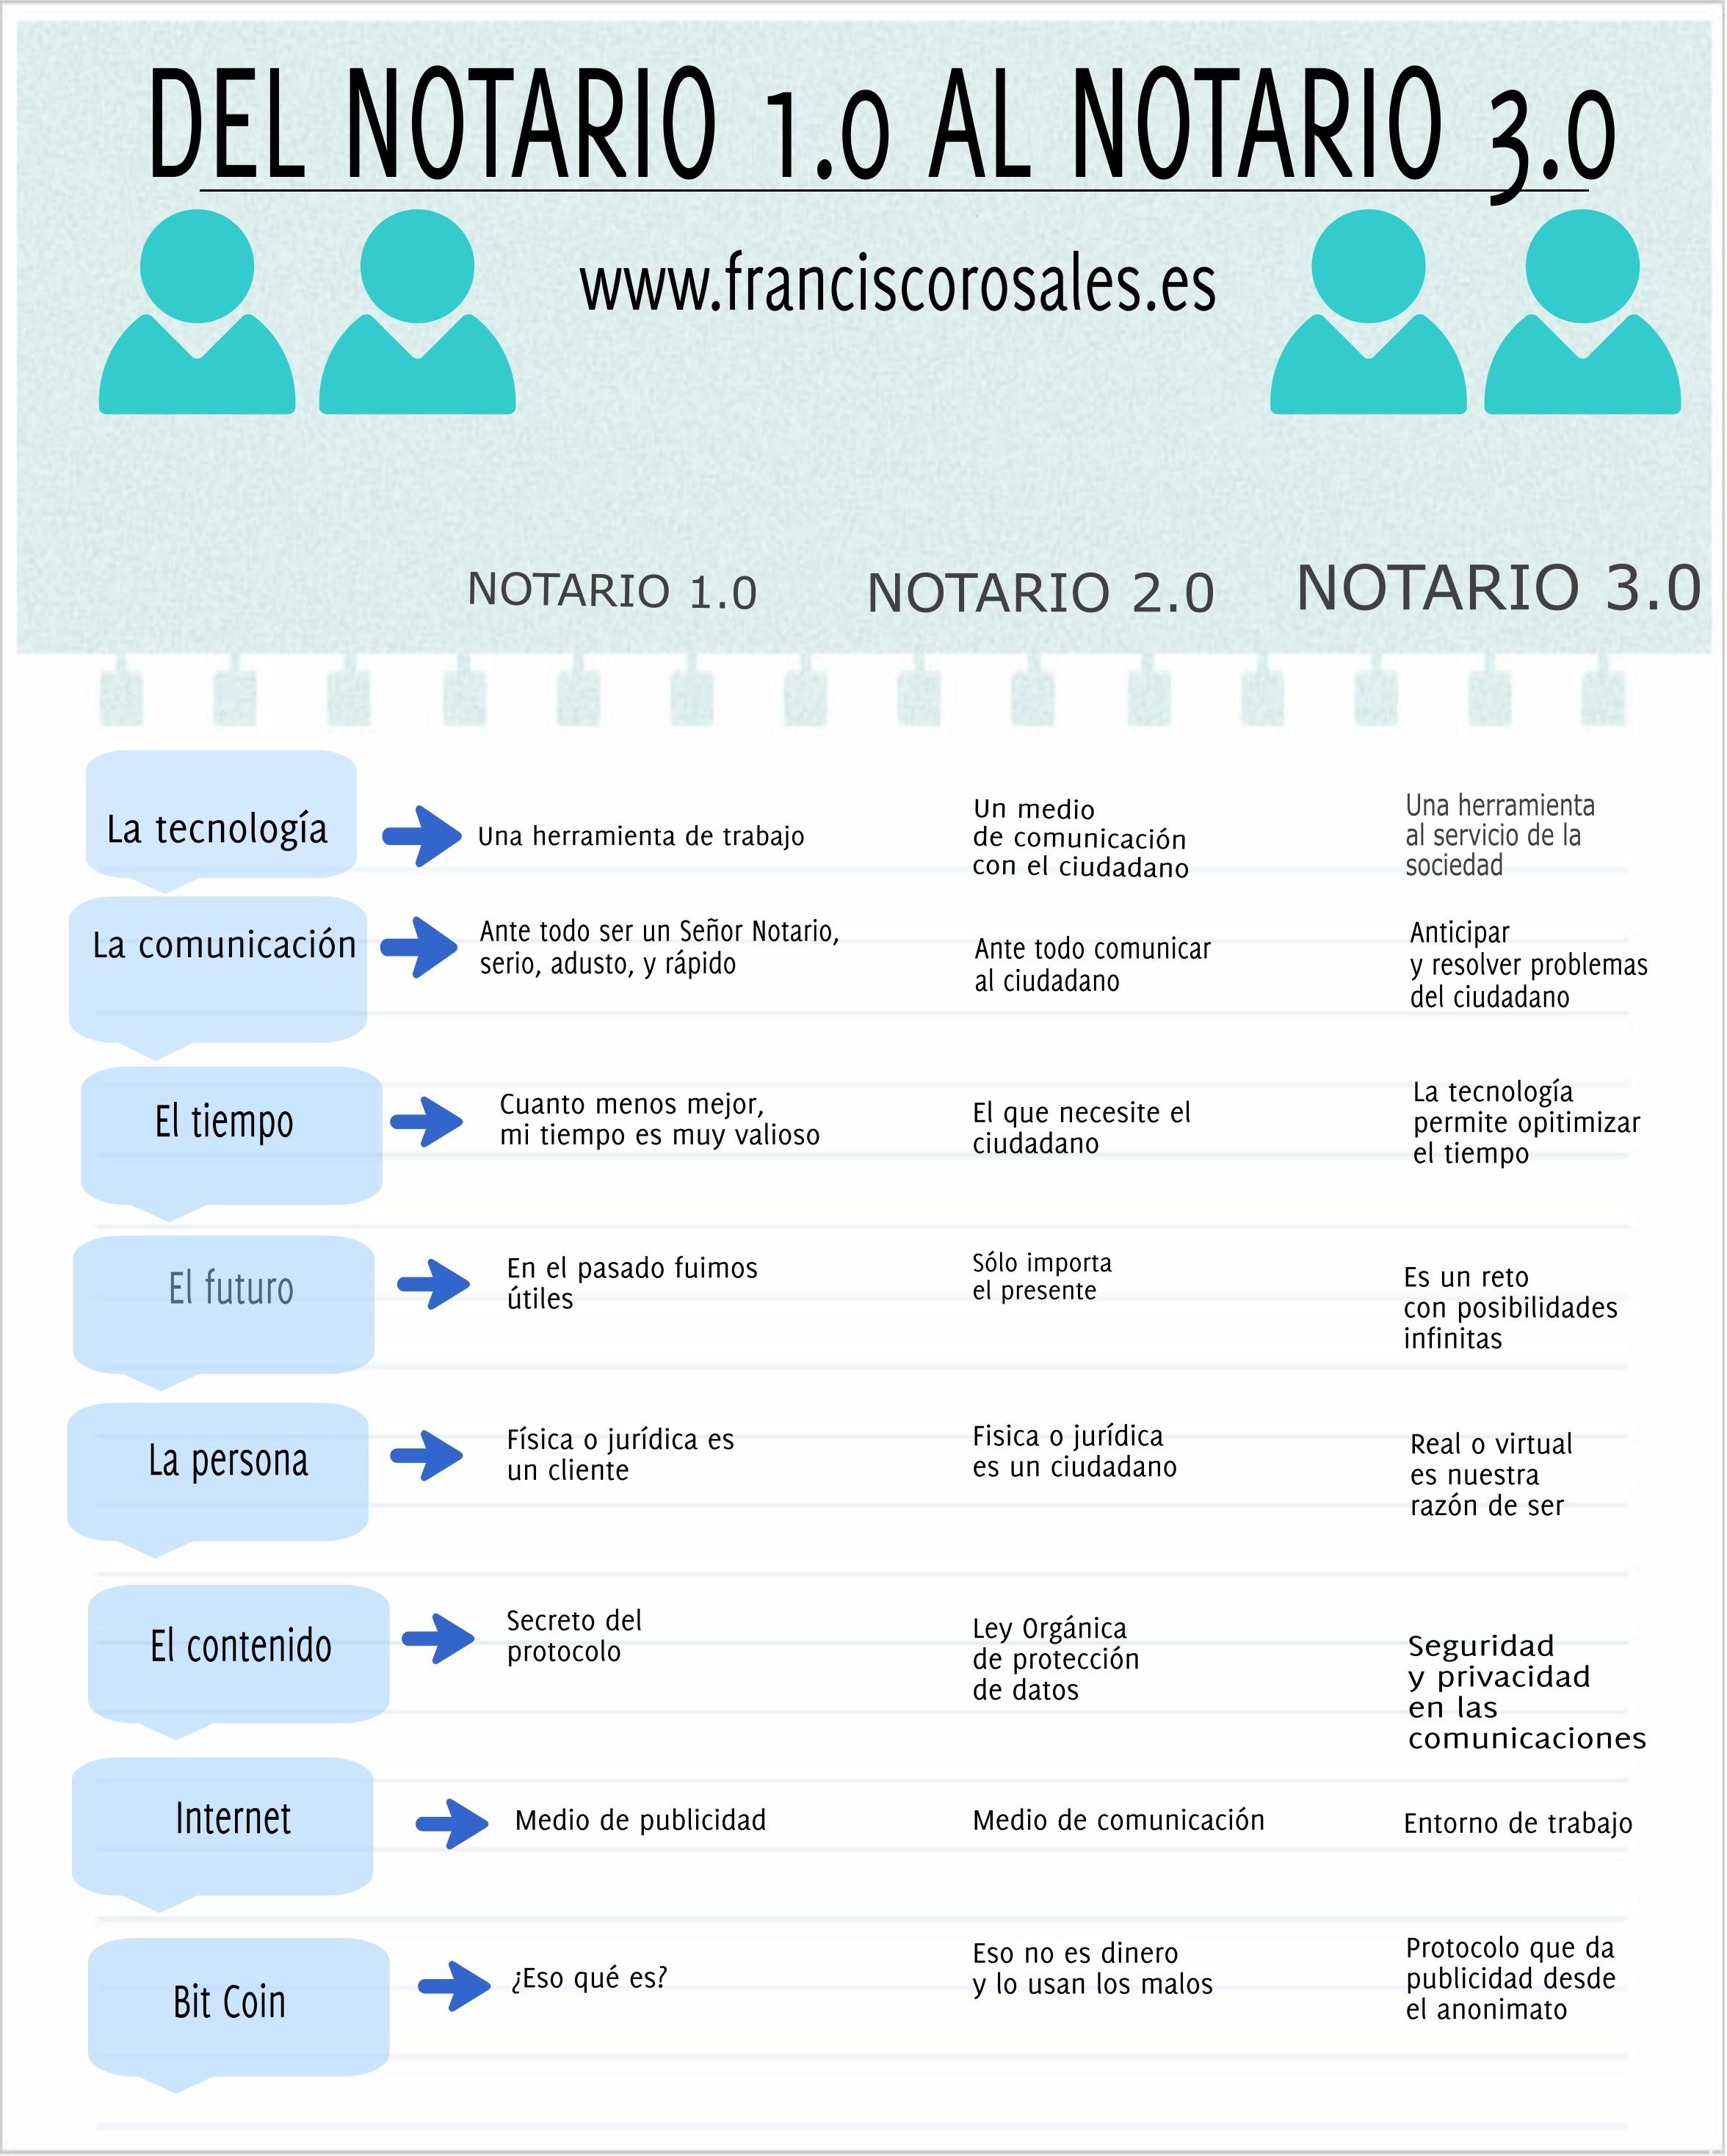 Notario-1.0